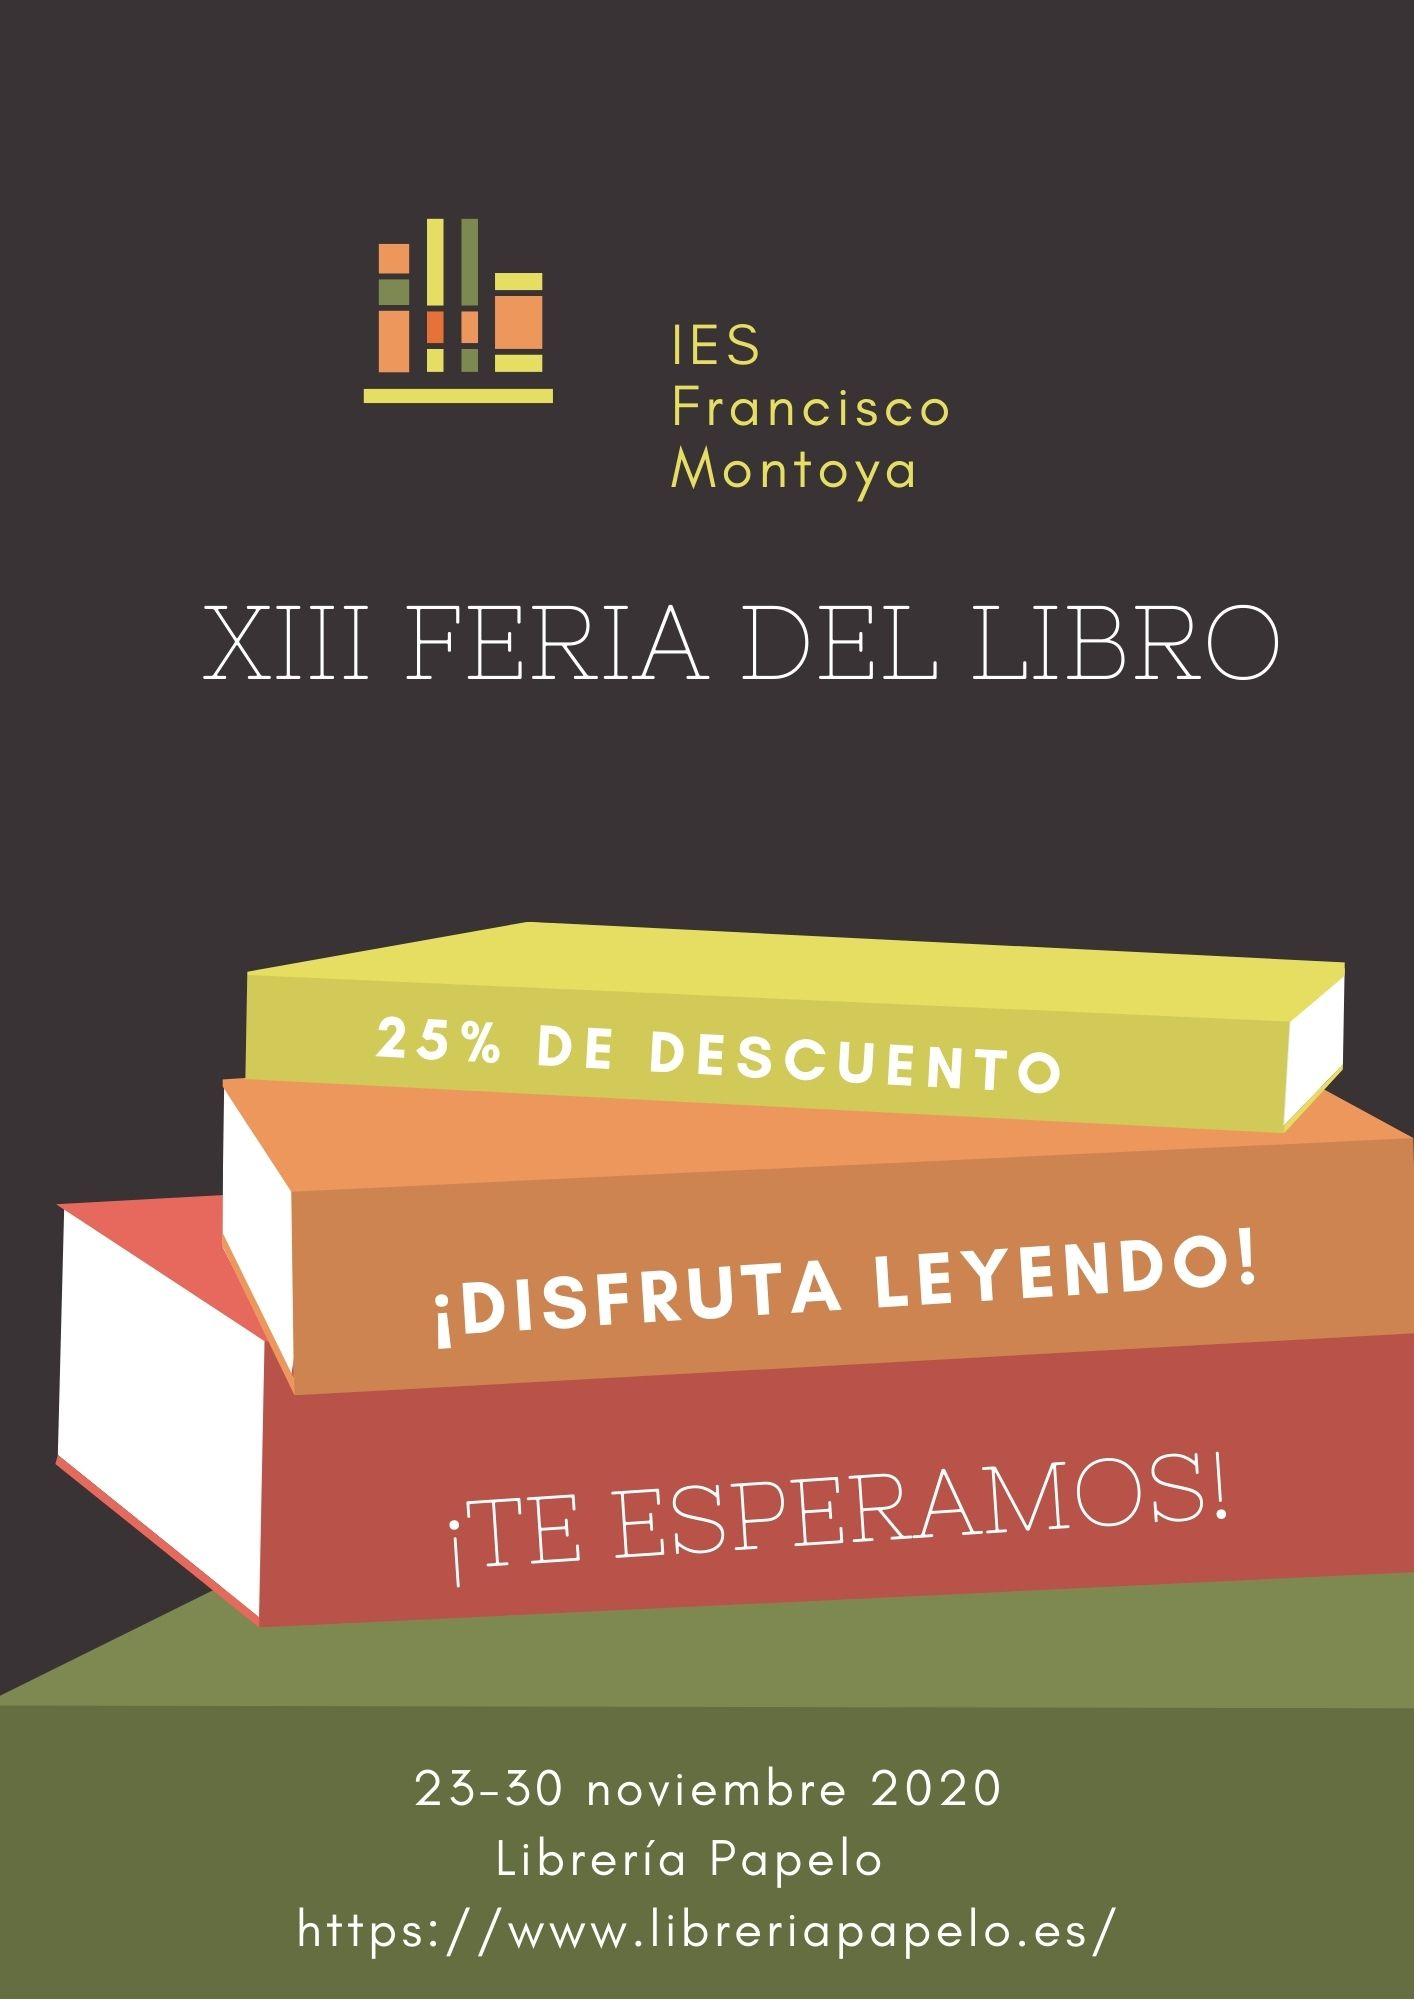 """23-30 de noviembre 2020 «Bibliotecas, siempre a tu lado"""" Celebra y abraza la cultura"""